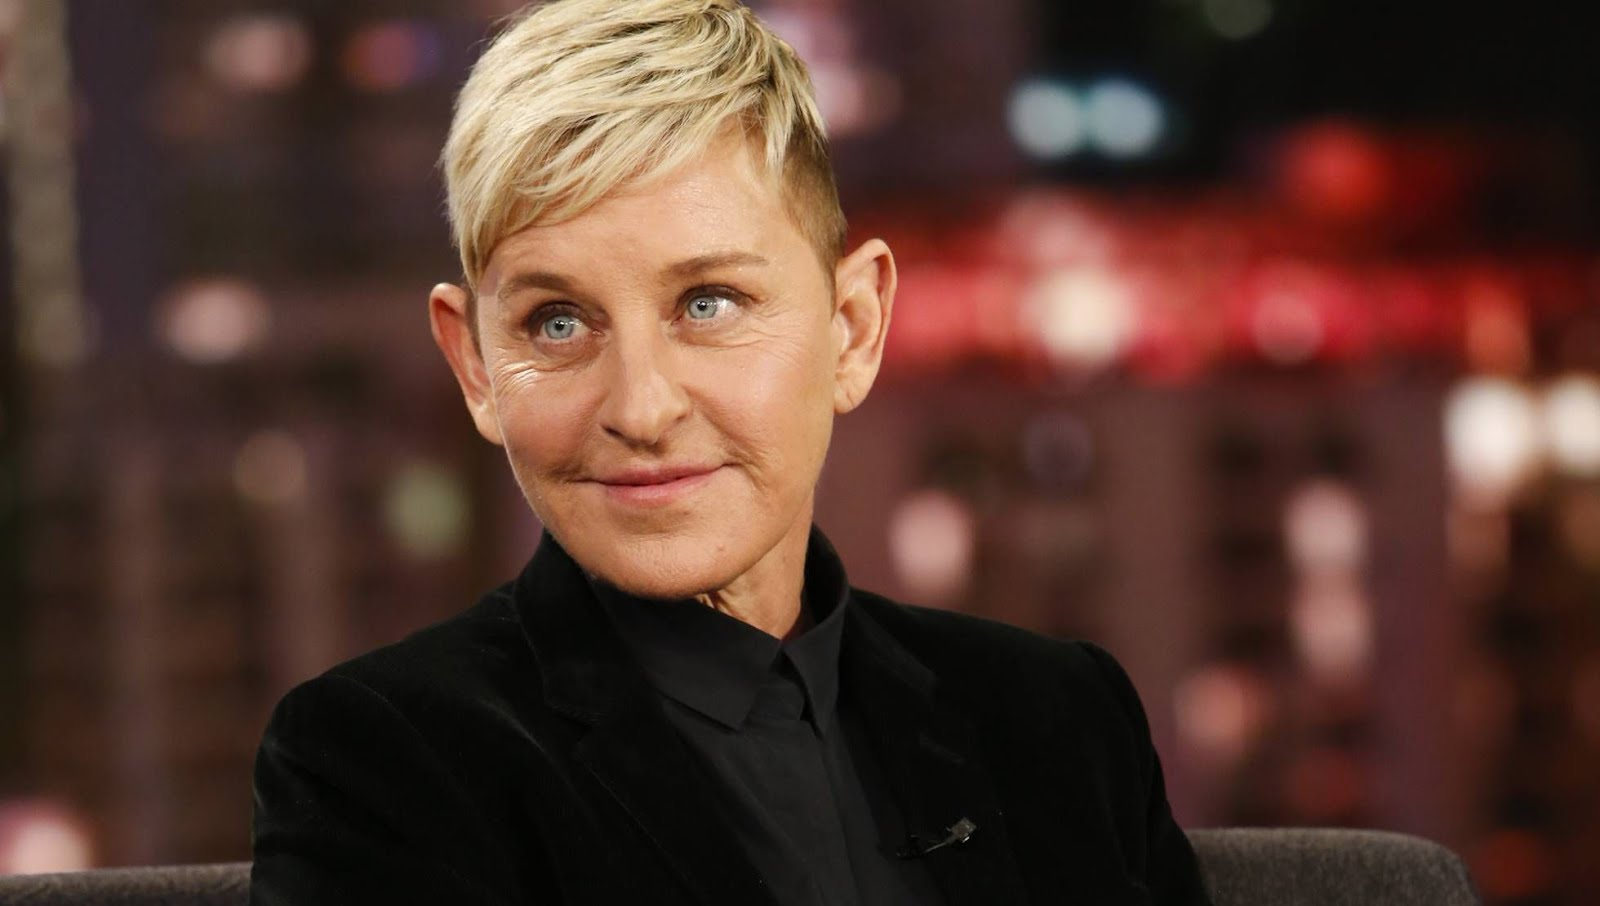 Ellen DeGeneres contó que su padre abusó de ella